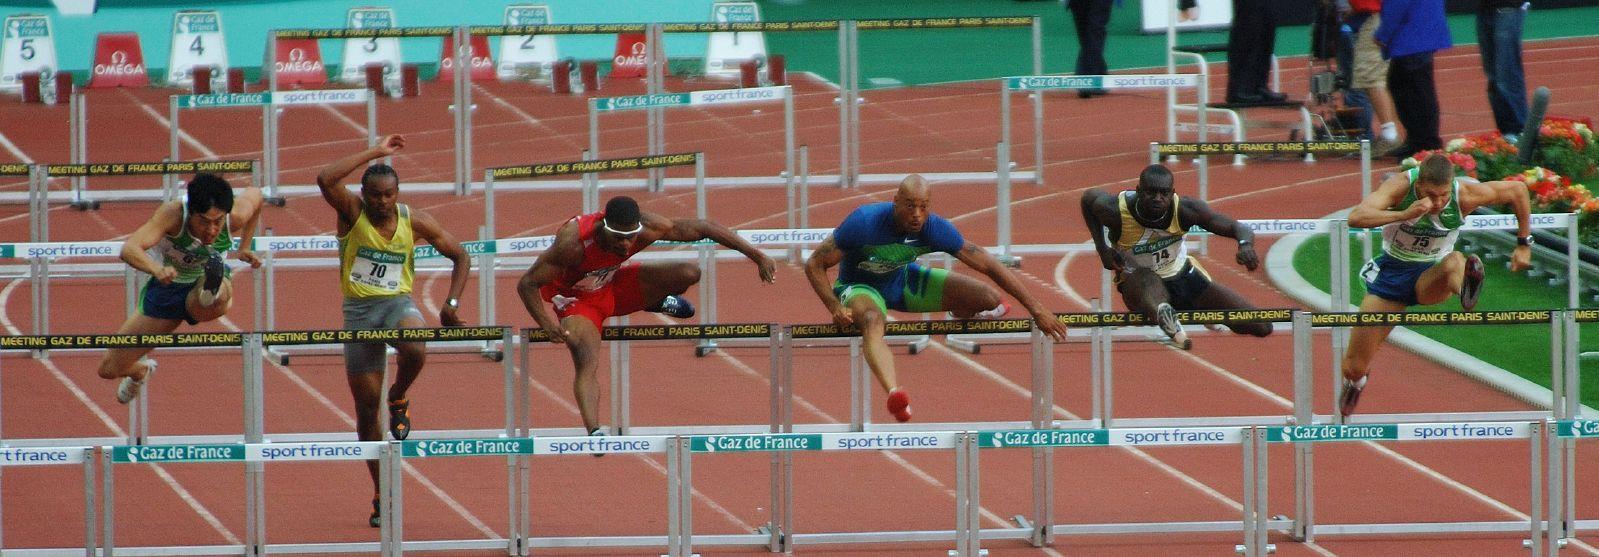 110 meter hurdle trtaining program